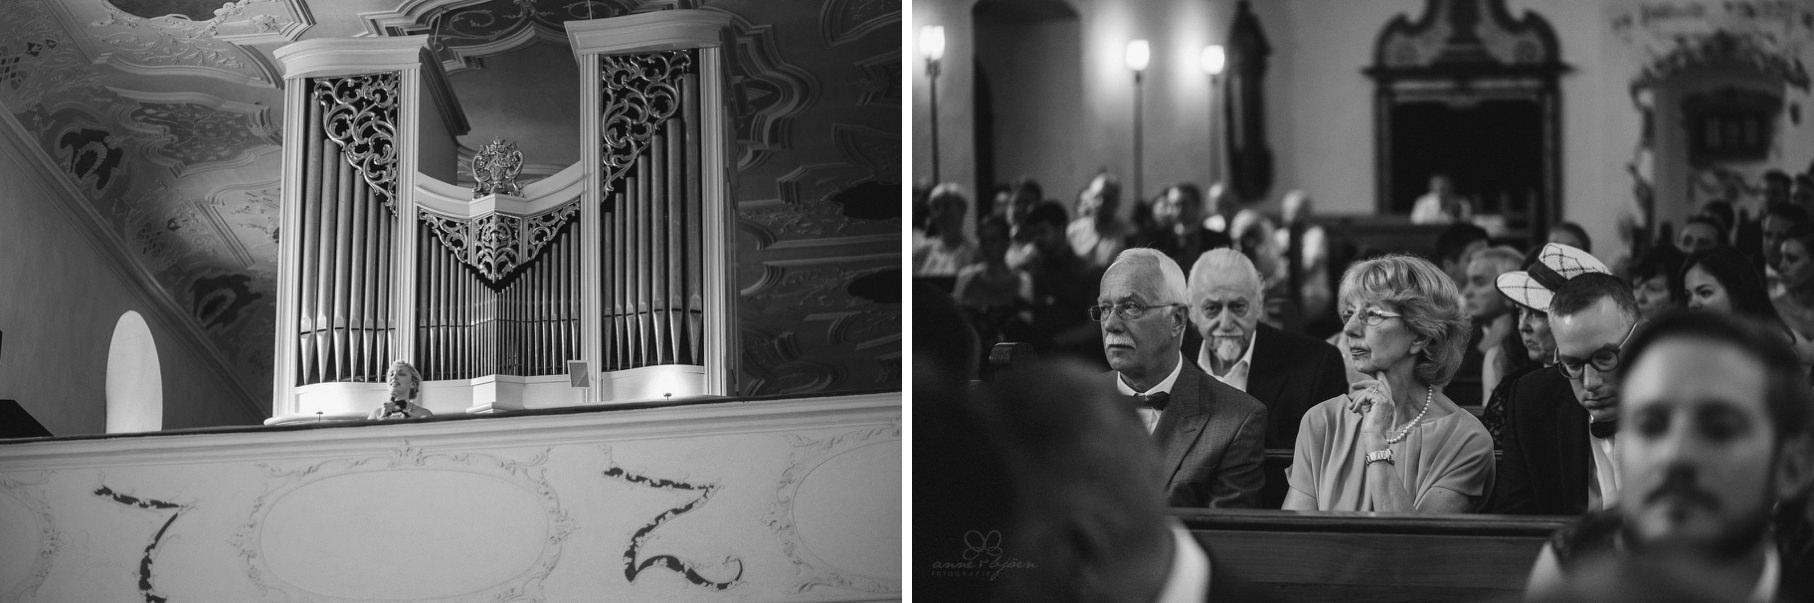 0045 anne und bjoern hochzeit schweiz d75 0057 - DIY Hochzeit in der Schweiz - Sabrina & Christoph